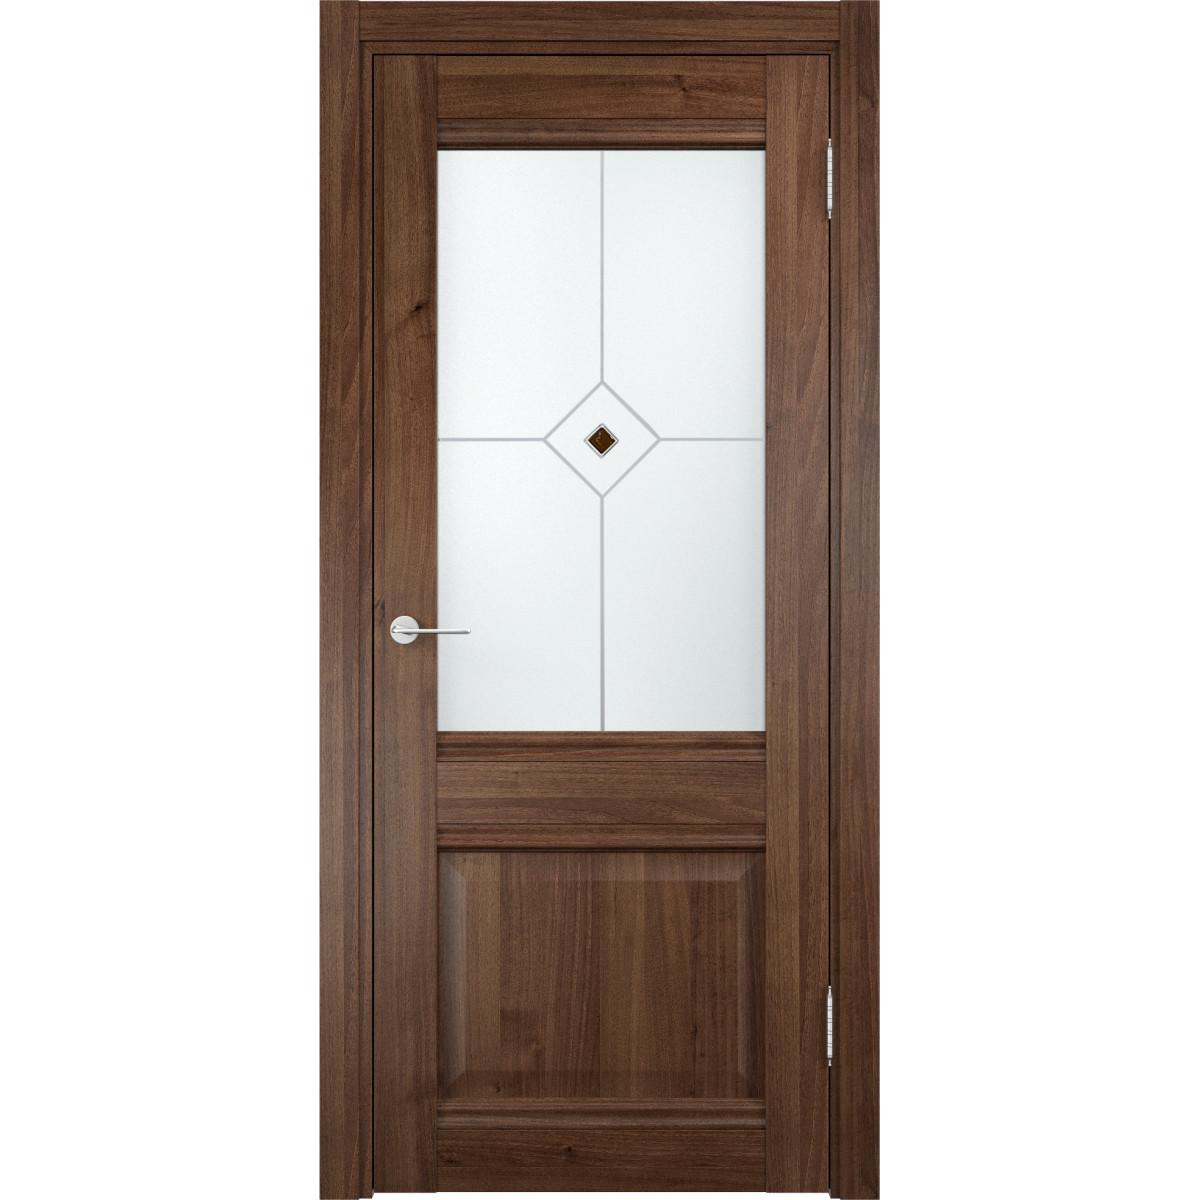 Дверное полотно Casaporte Милан МП_0176 2000х600х44 мм МДФ